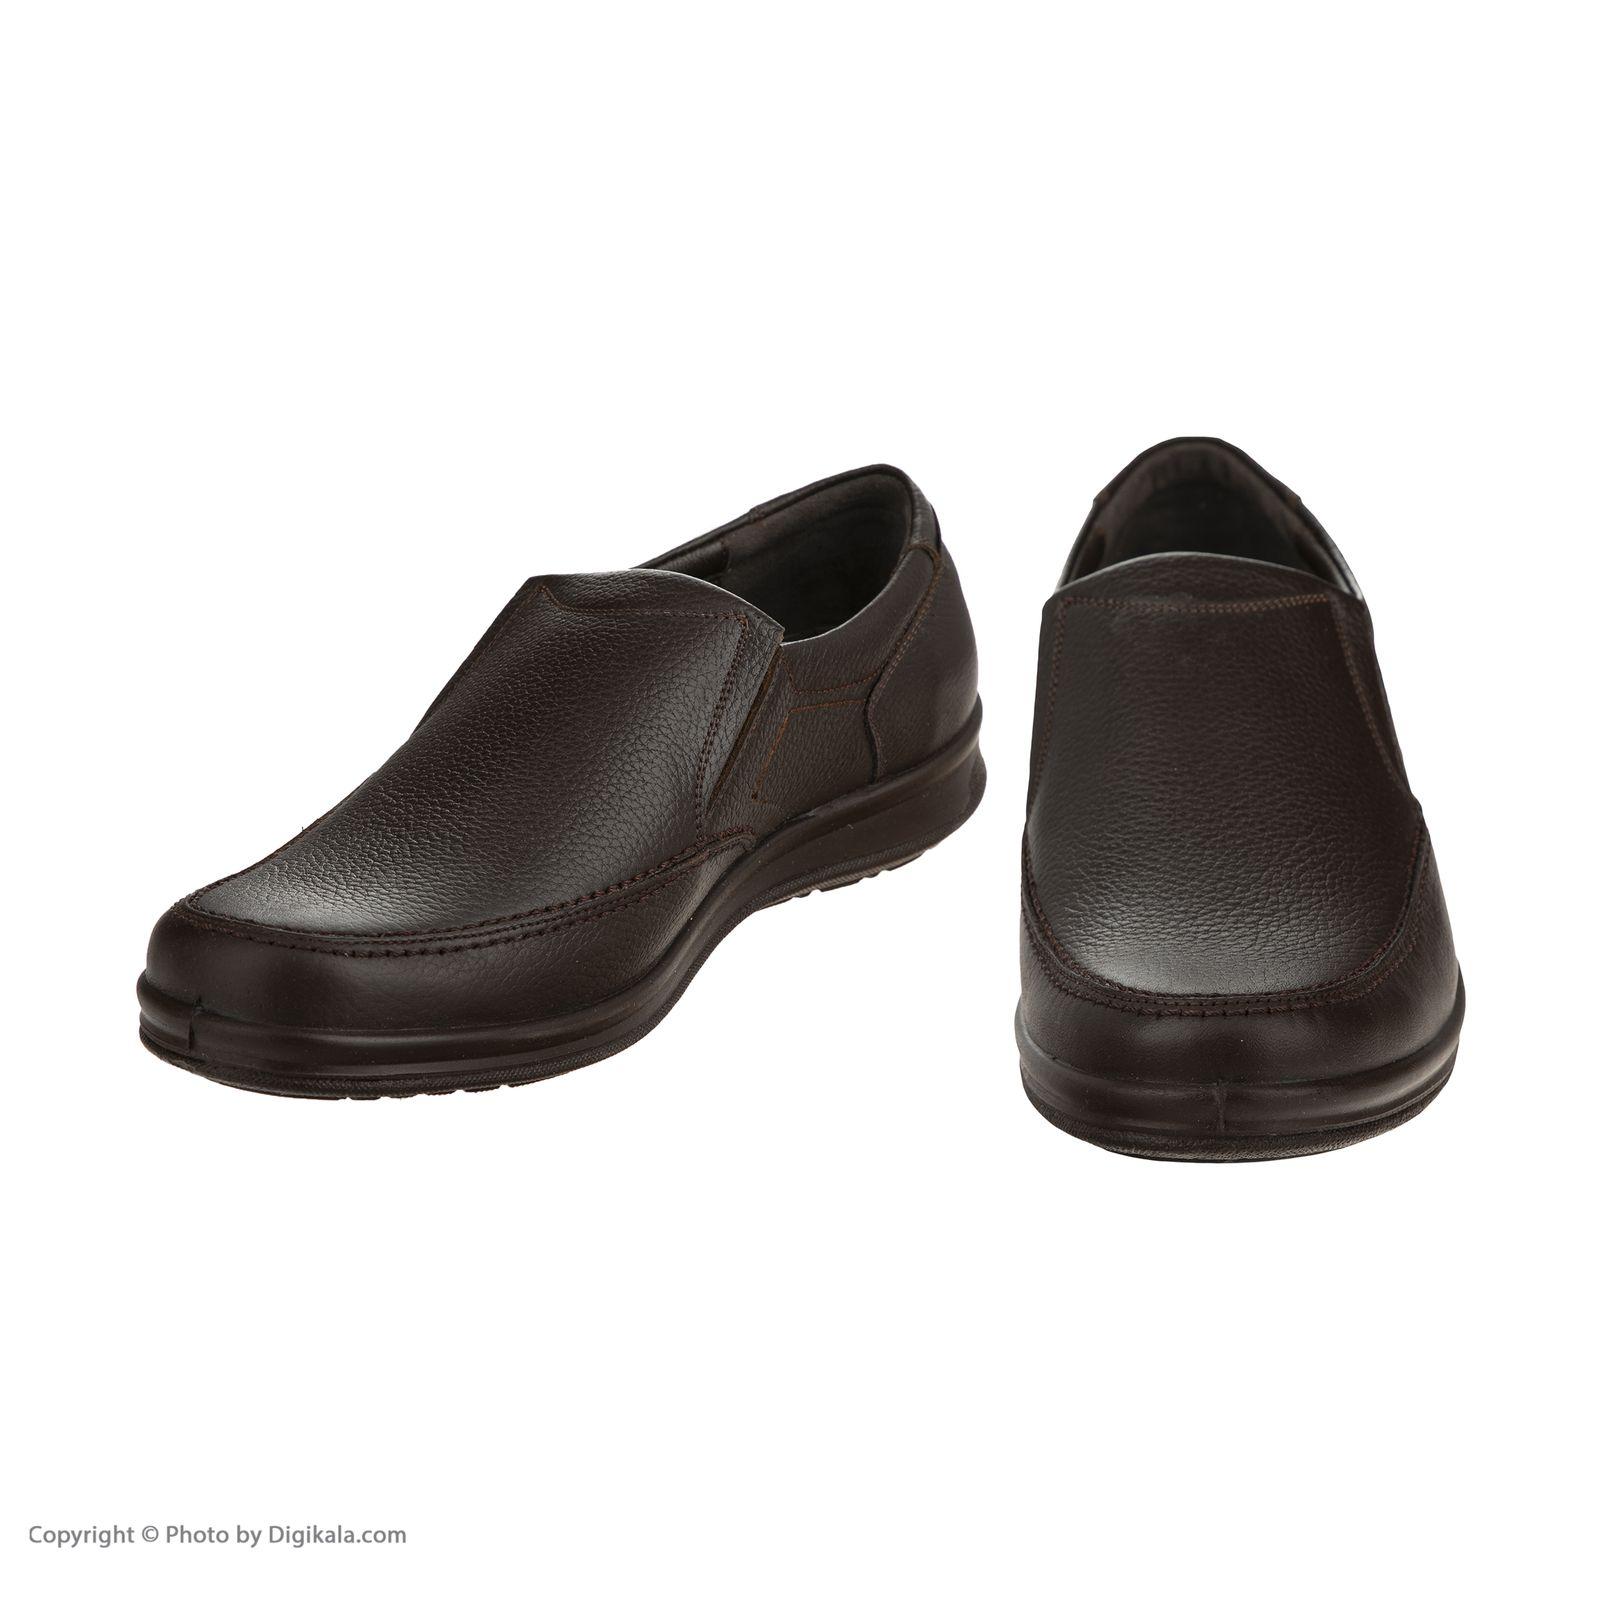 کفش روزمره مردانه بلوط مدل 7296A503104 -  - 6